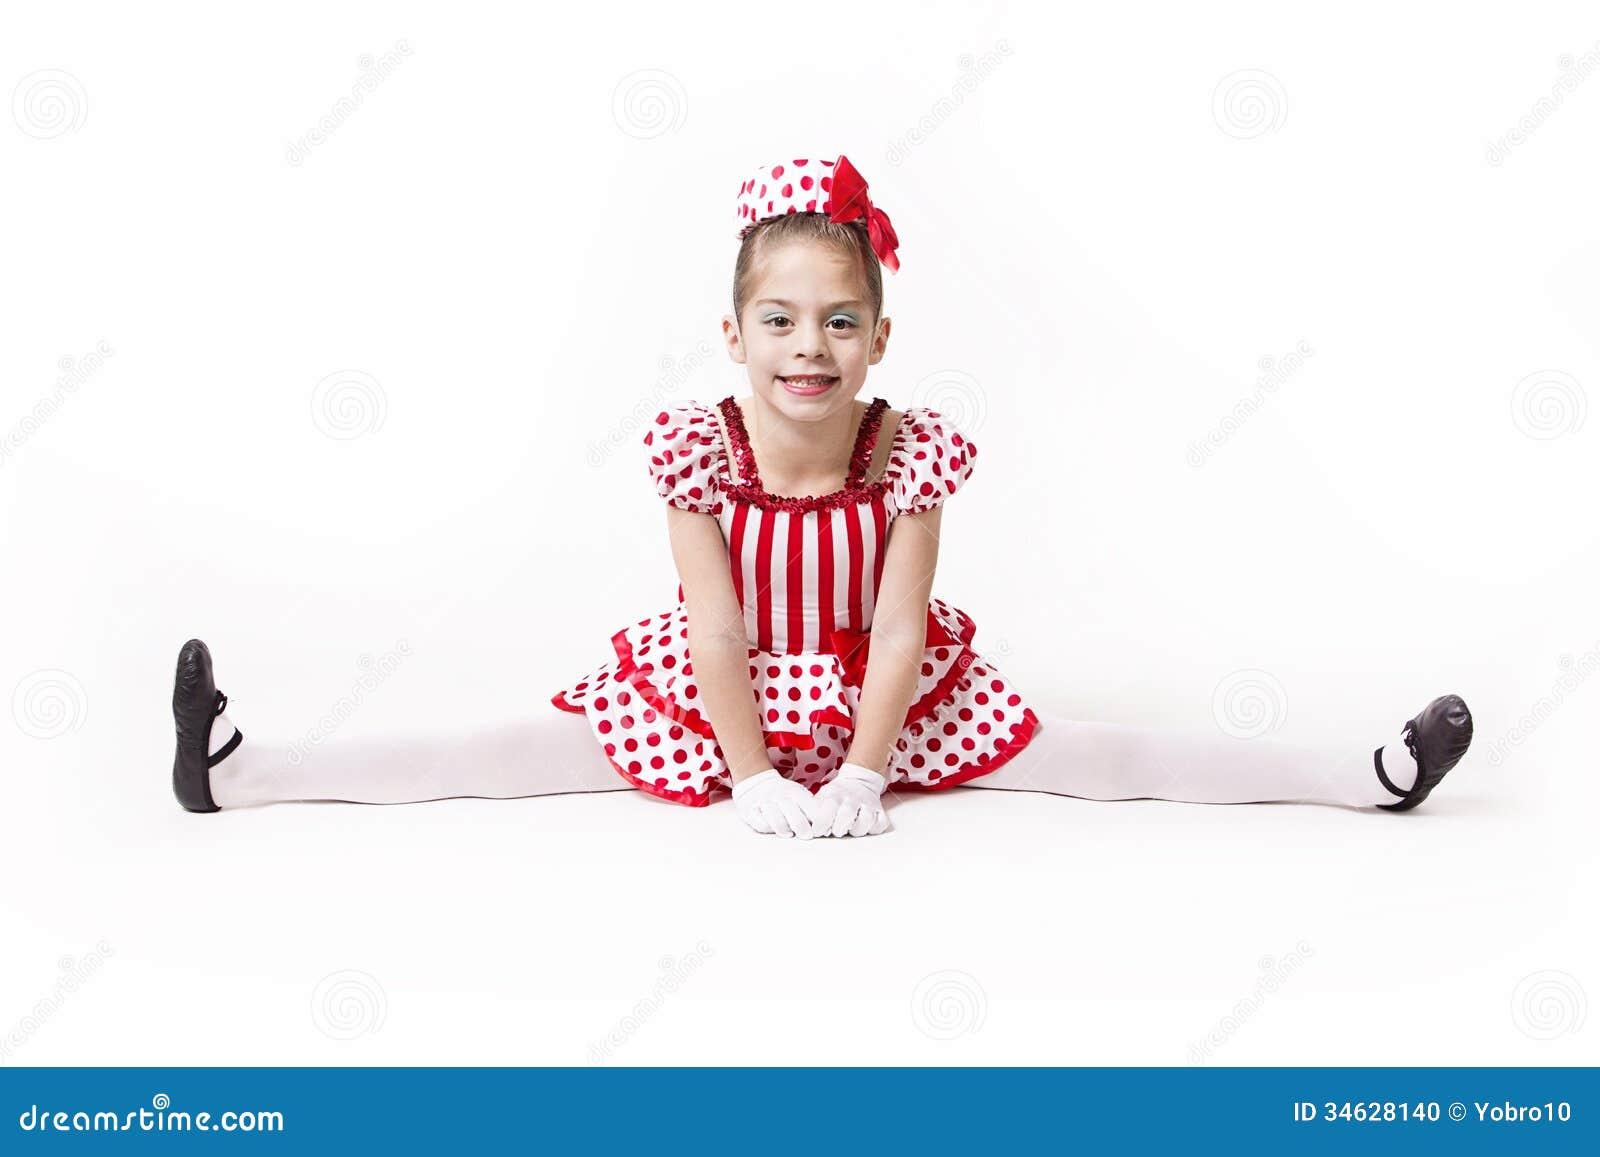 Cute Little Jazz Dancer Girl